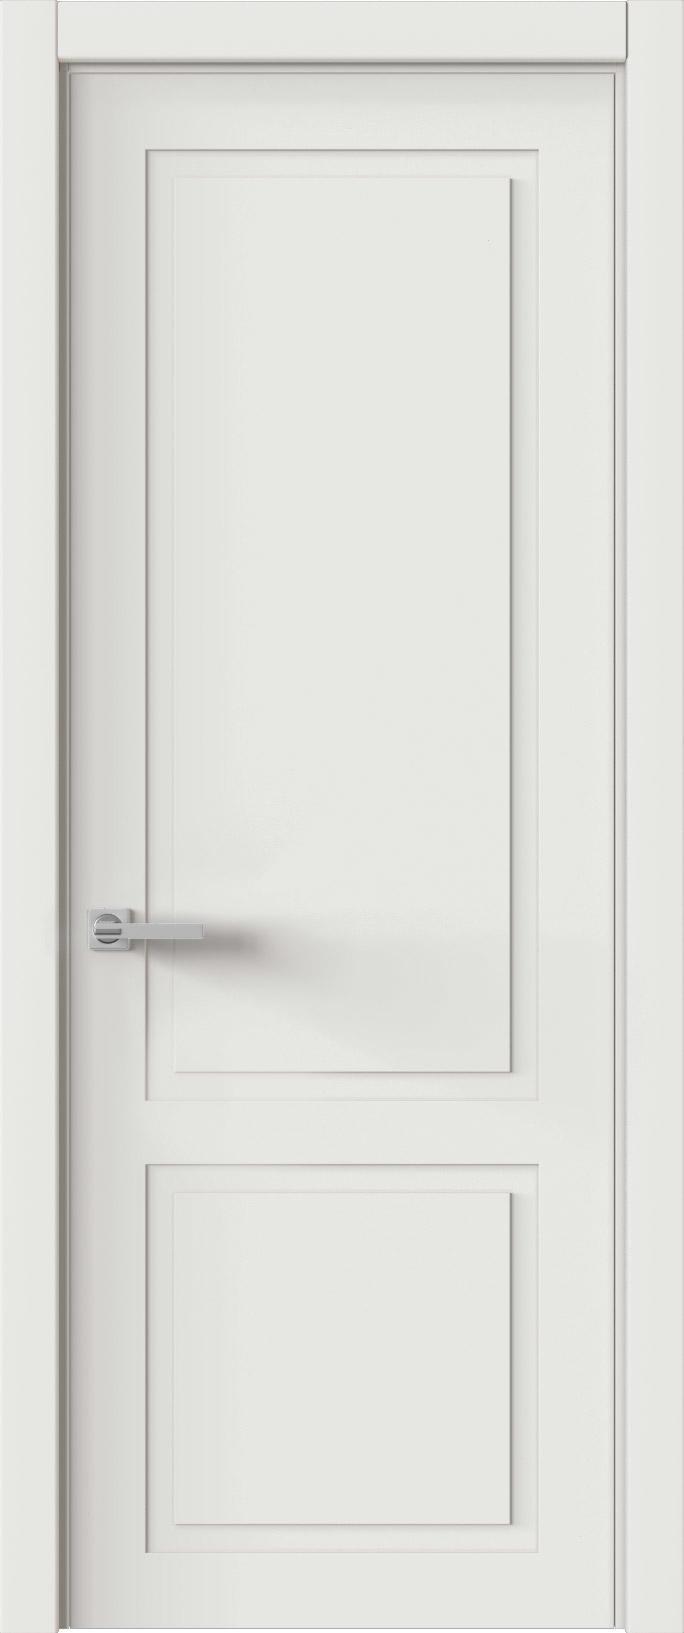 Tivoli И-5 цвет - Белая эмаль (RAL 9003) Без стекла (ДГ)